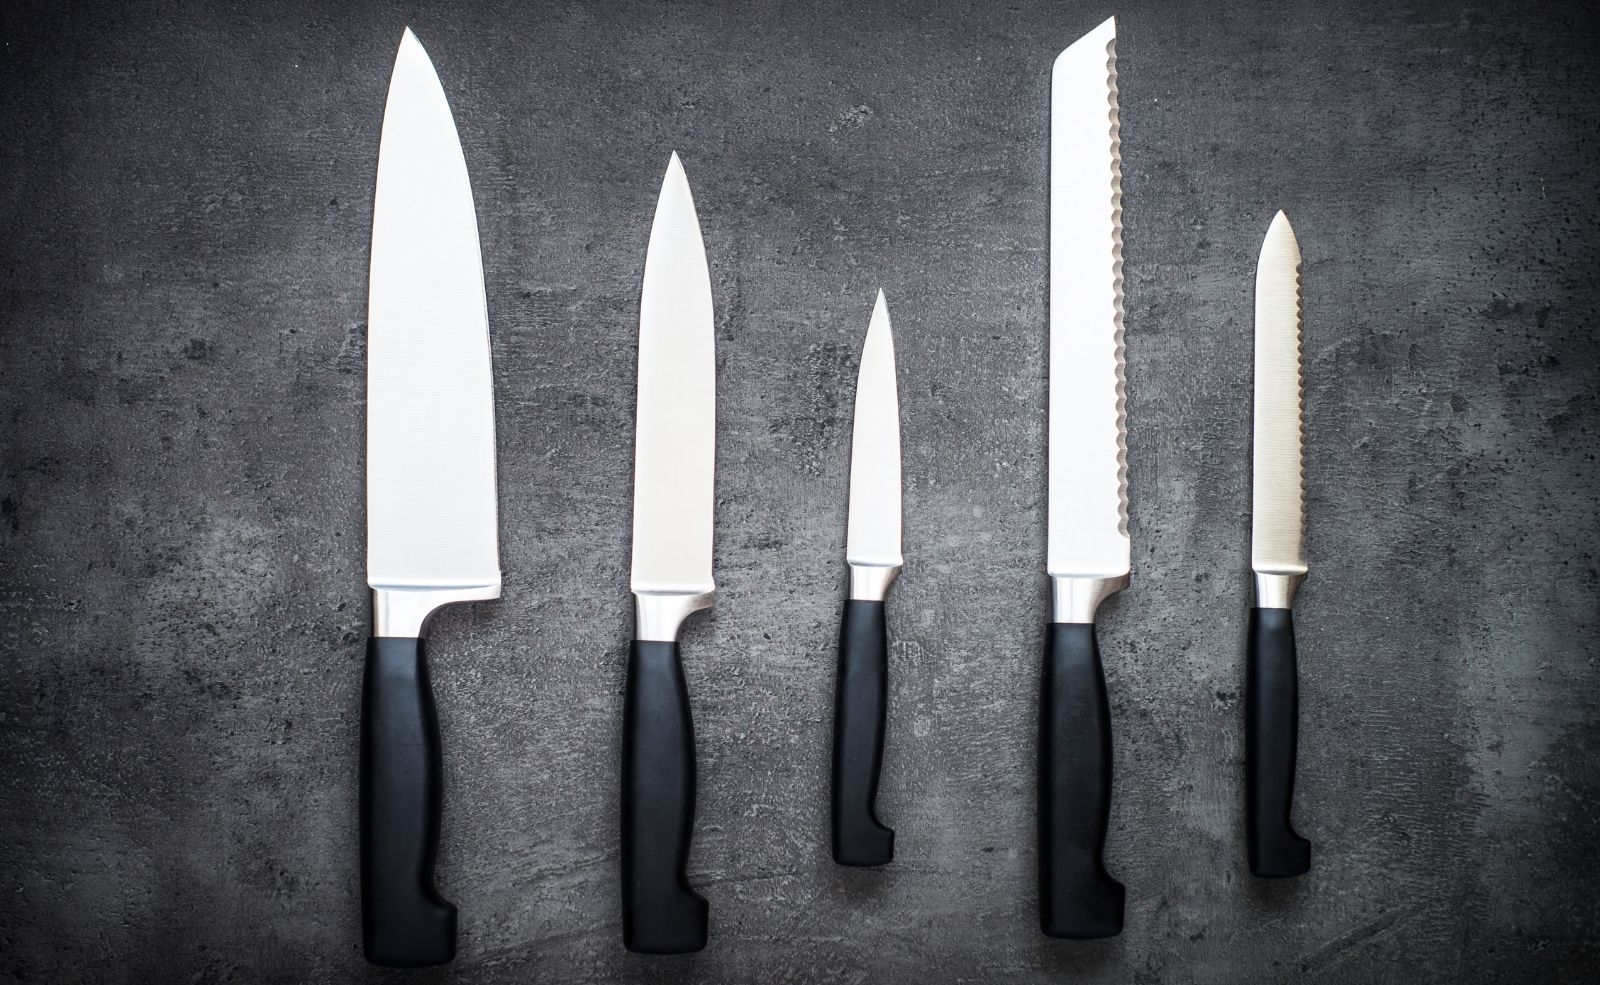 Küchenmesser: Welches Messer für welchen Zweck?